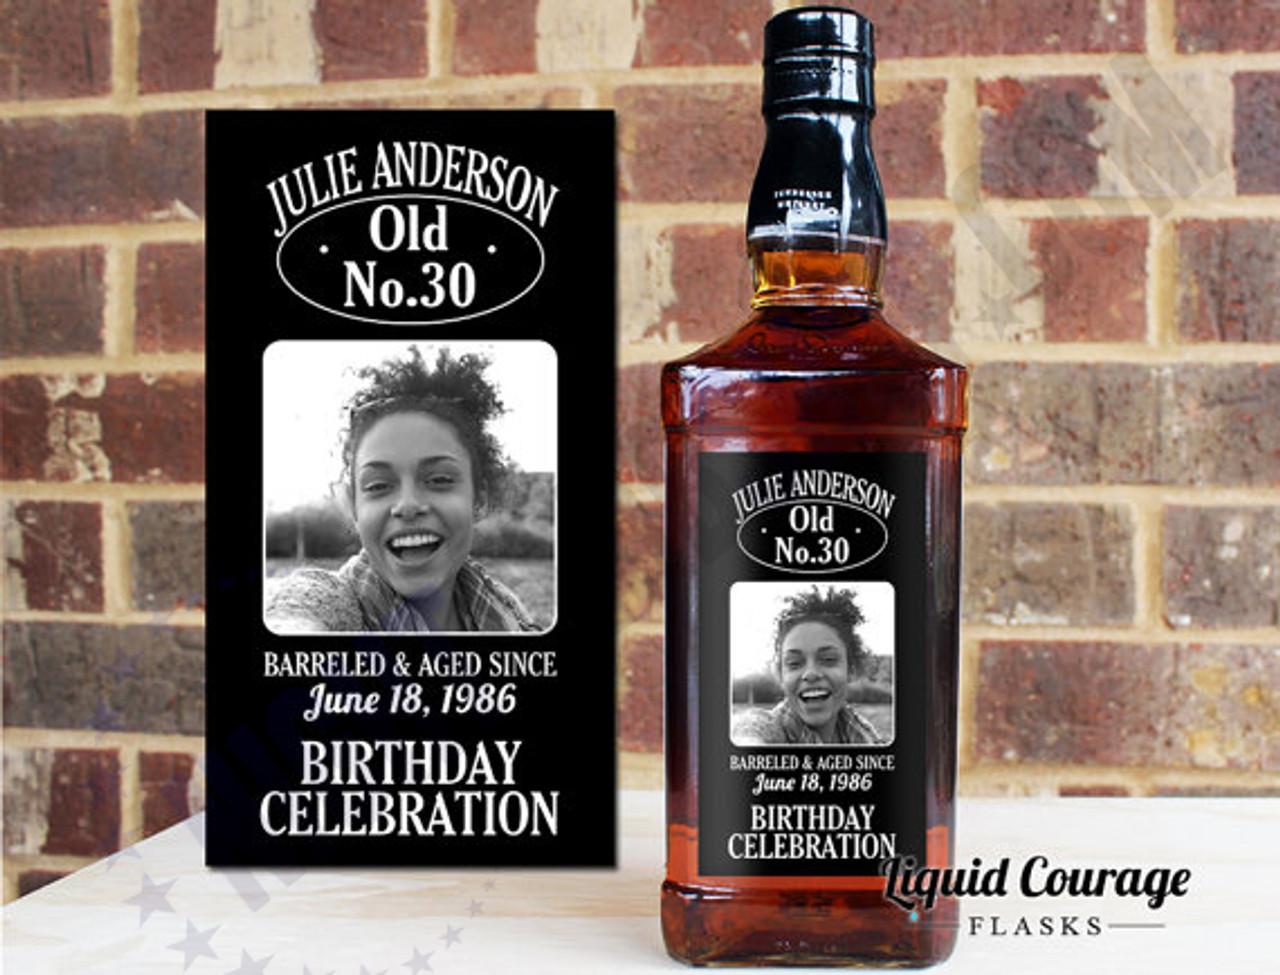 CUSTOM LIQUOR LABEL DECOR BIRTHDAY